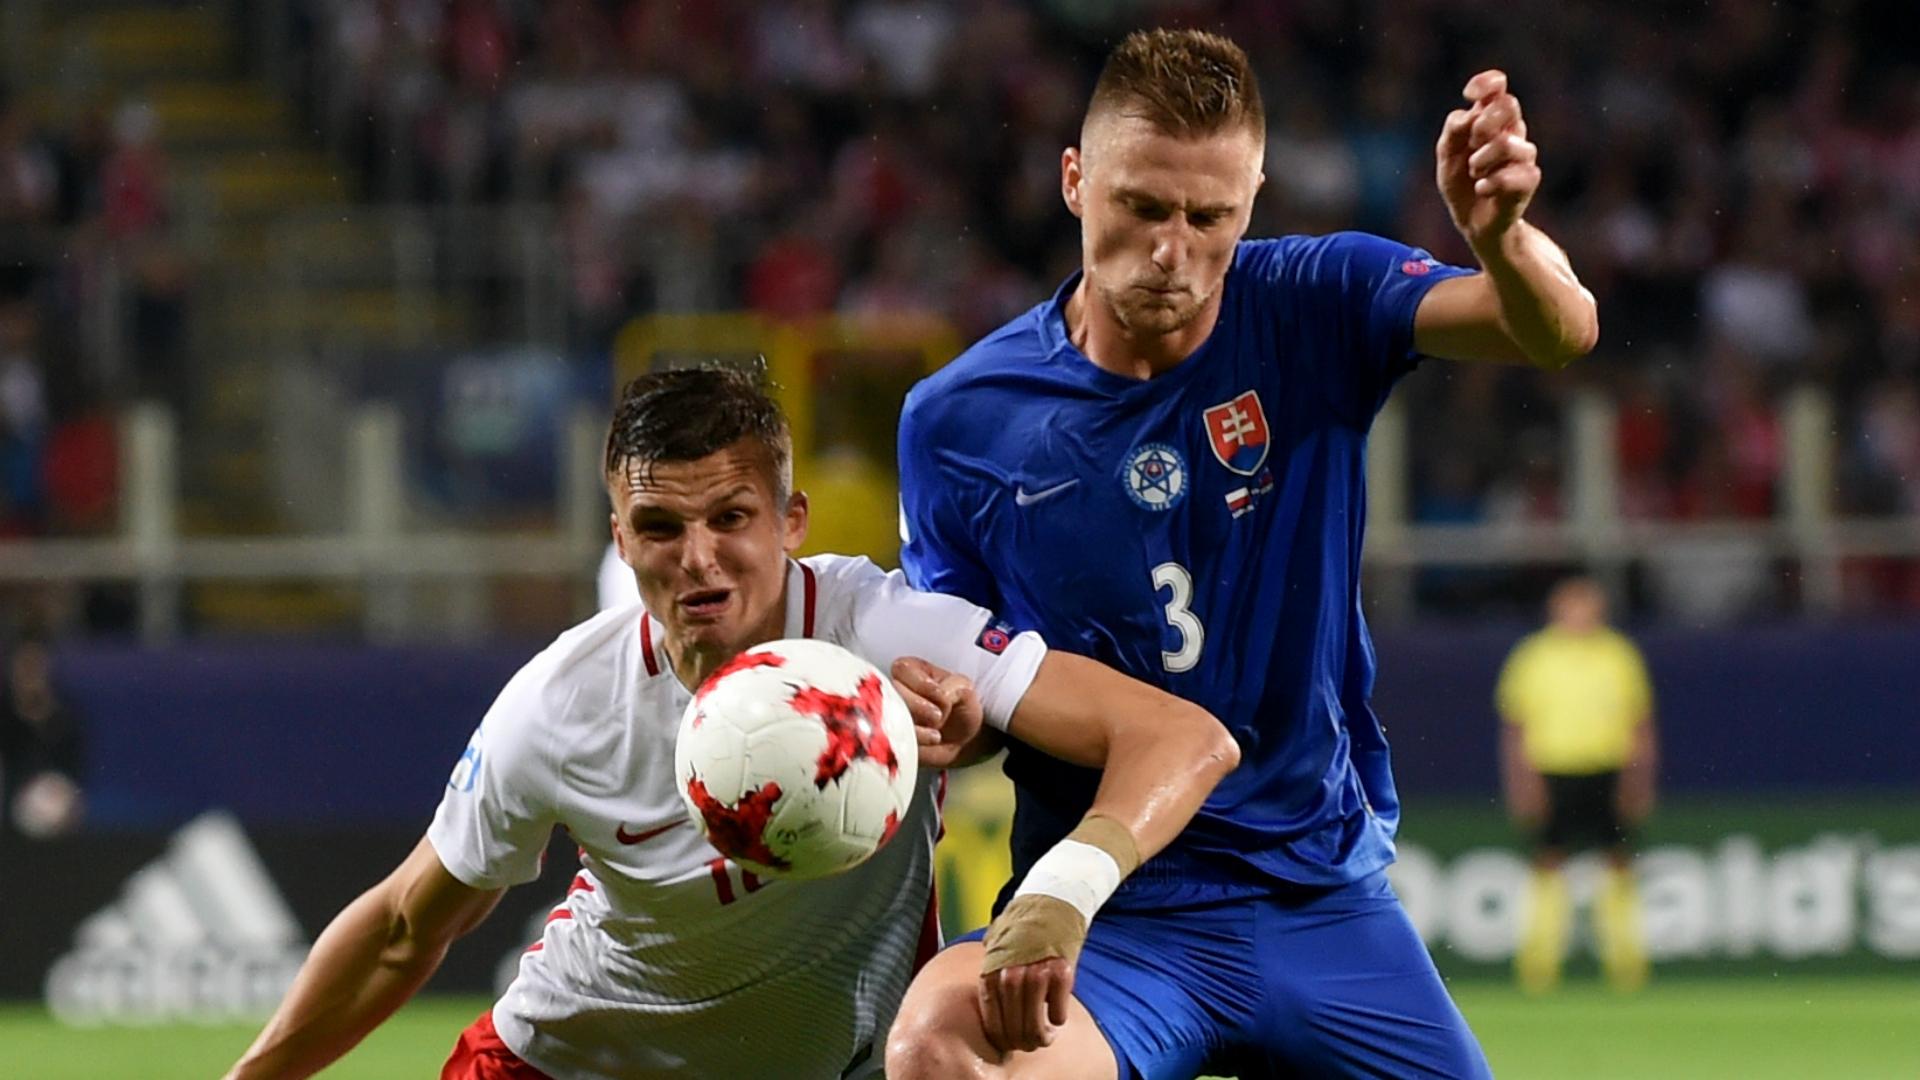 Europei Under 21, Inghilterra in semifinale e Slovacchia seconda. Italia avanti se…